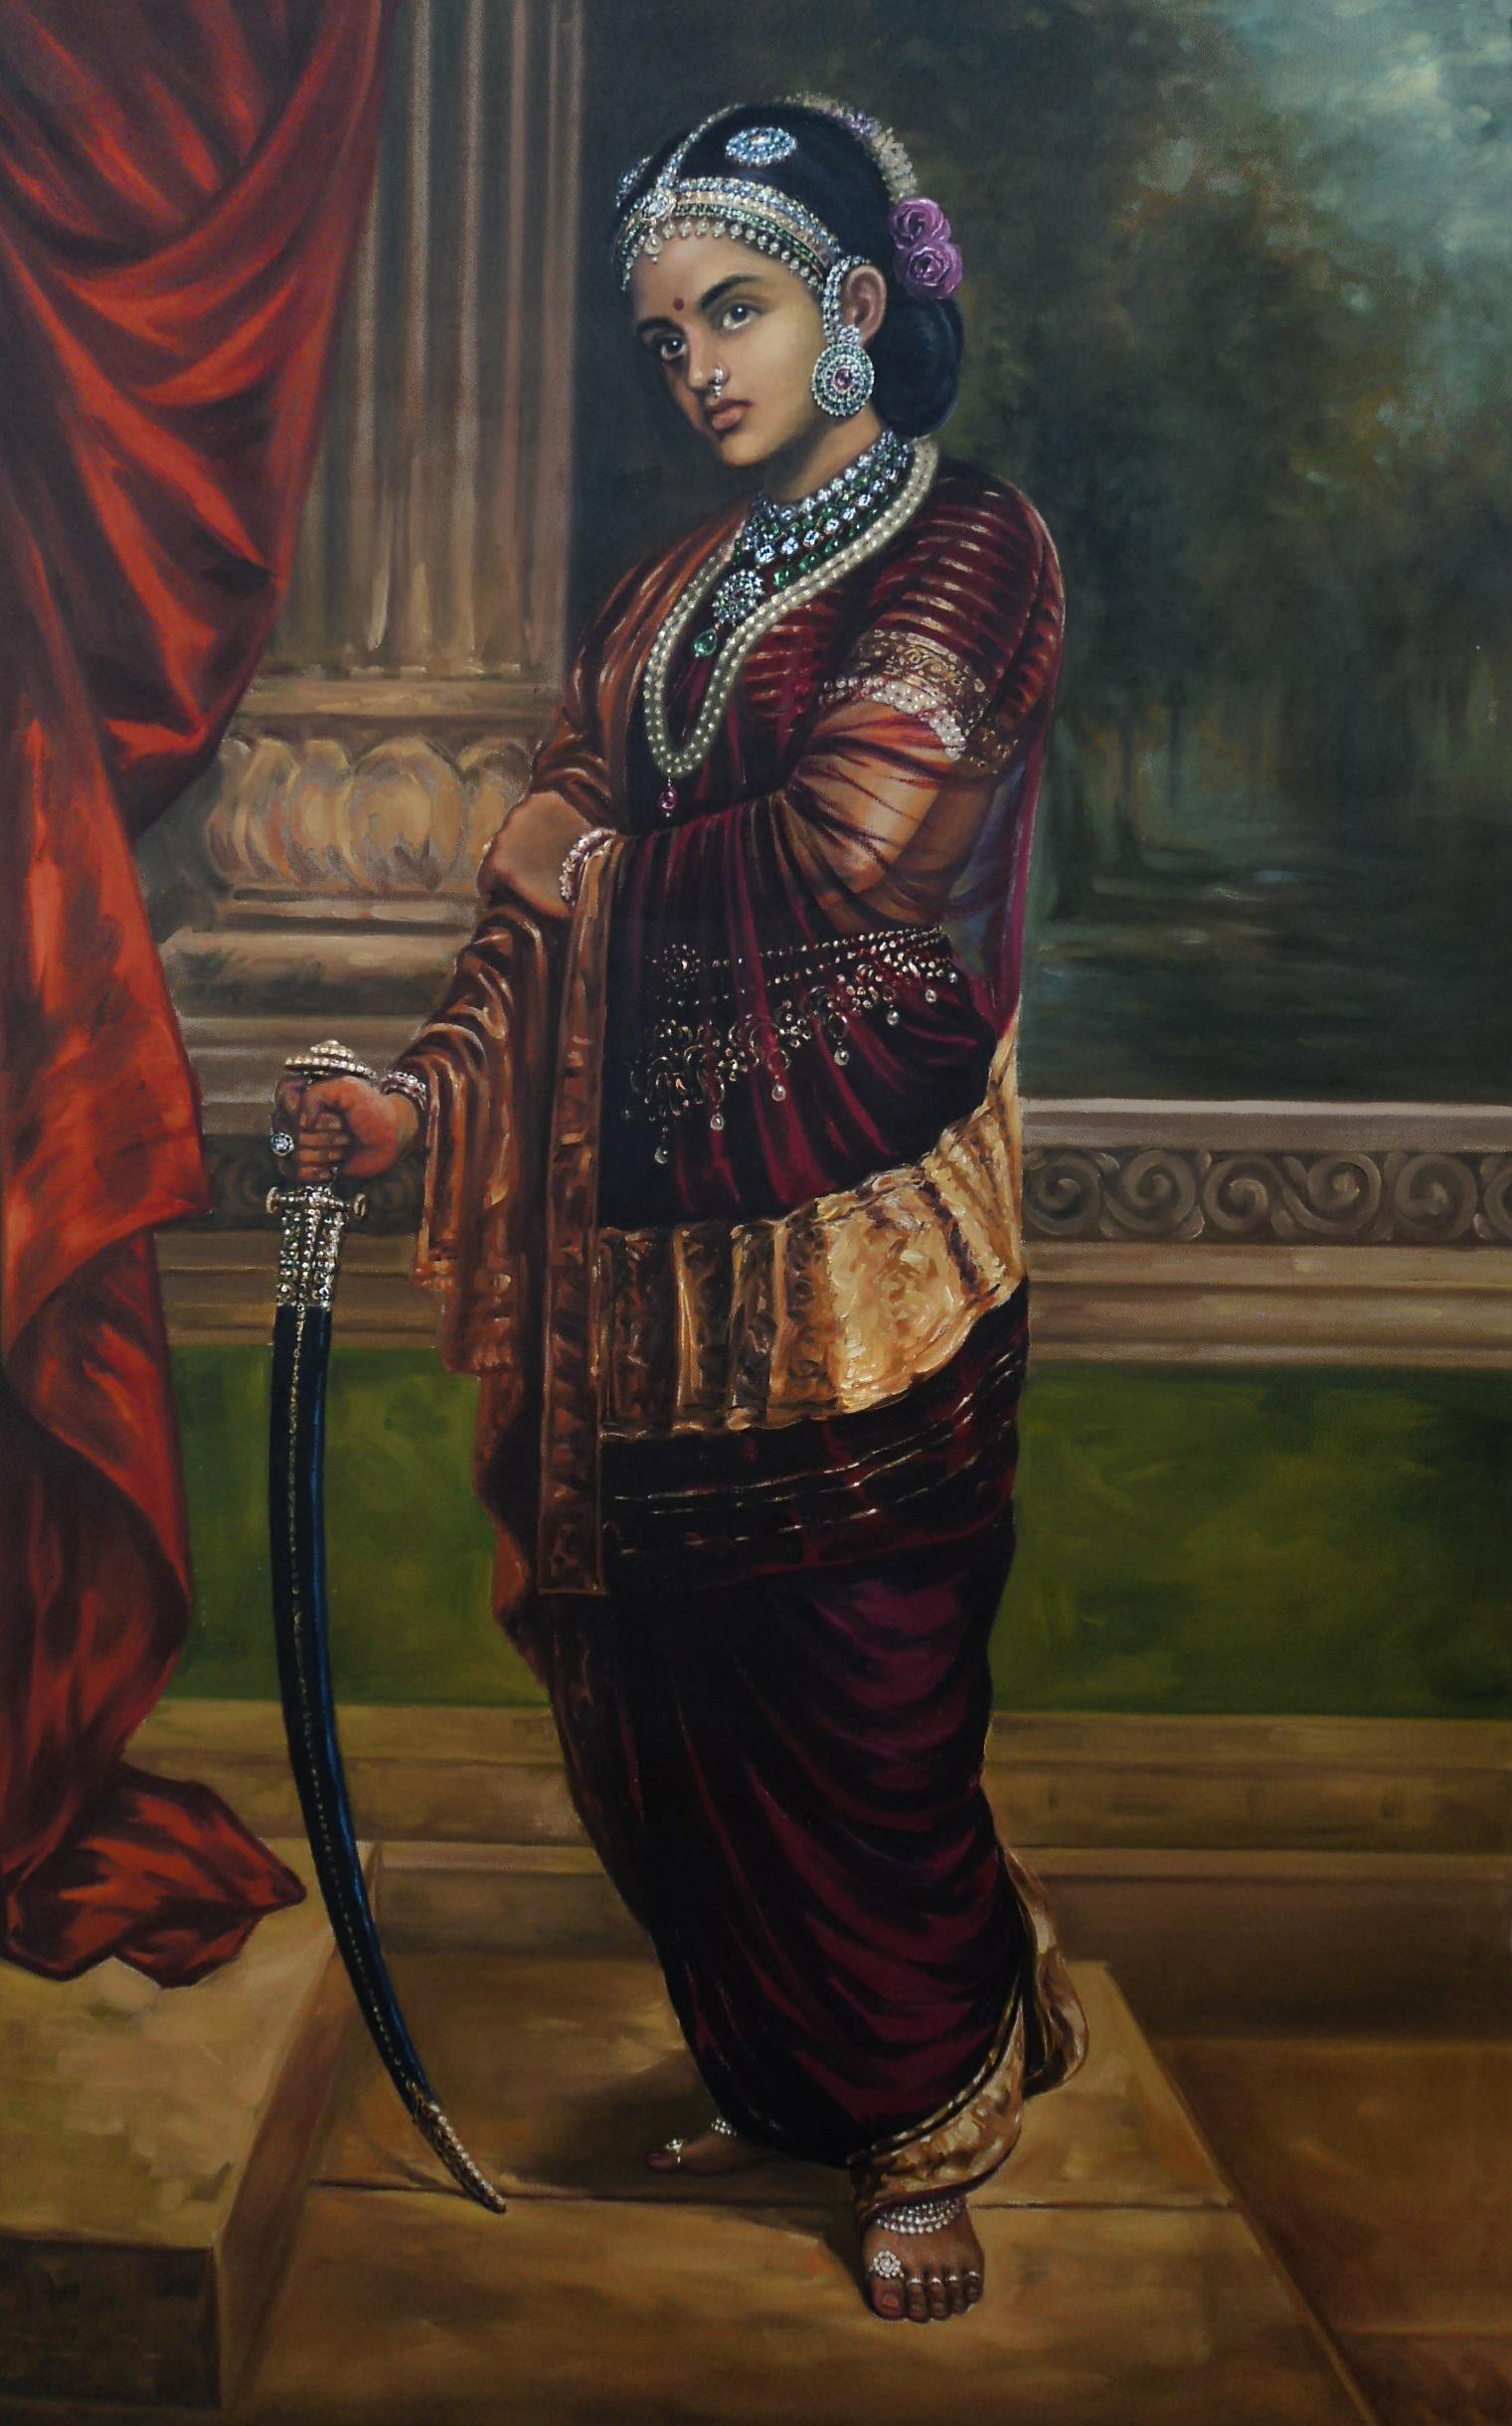 अंग्रेजों की ईंट से ईंट बजाने वाली रानी की वीरता को दुश्मन भी करते थे सलाम